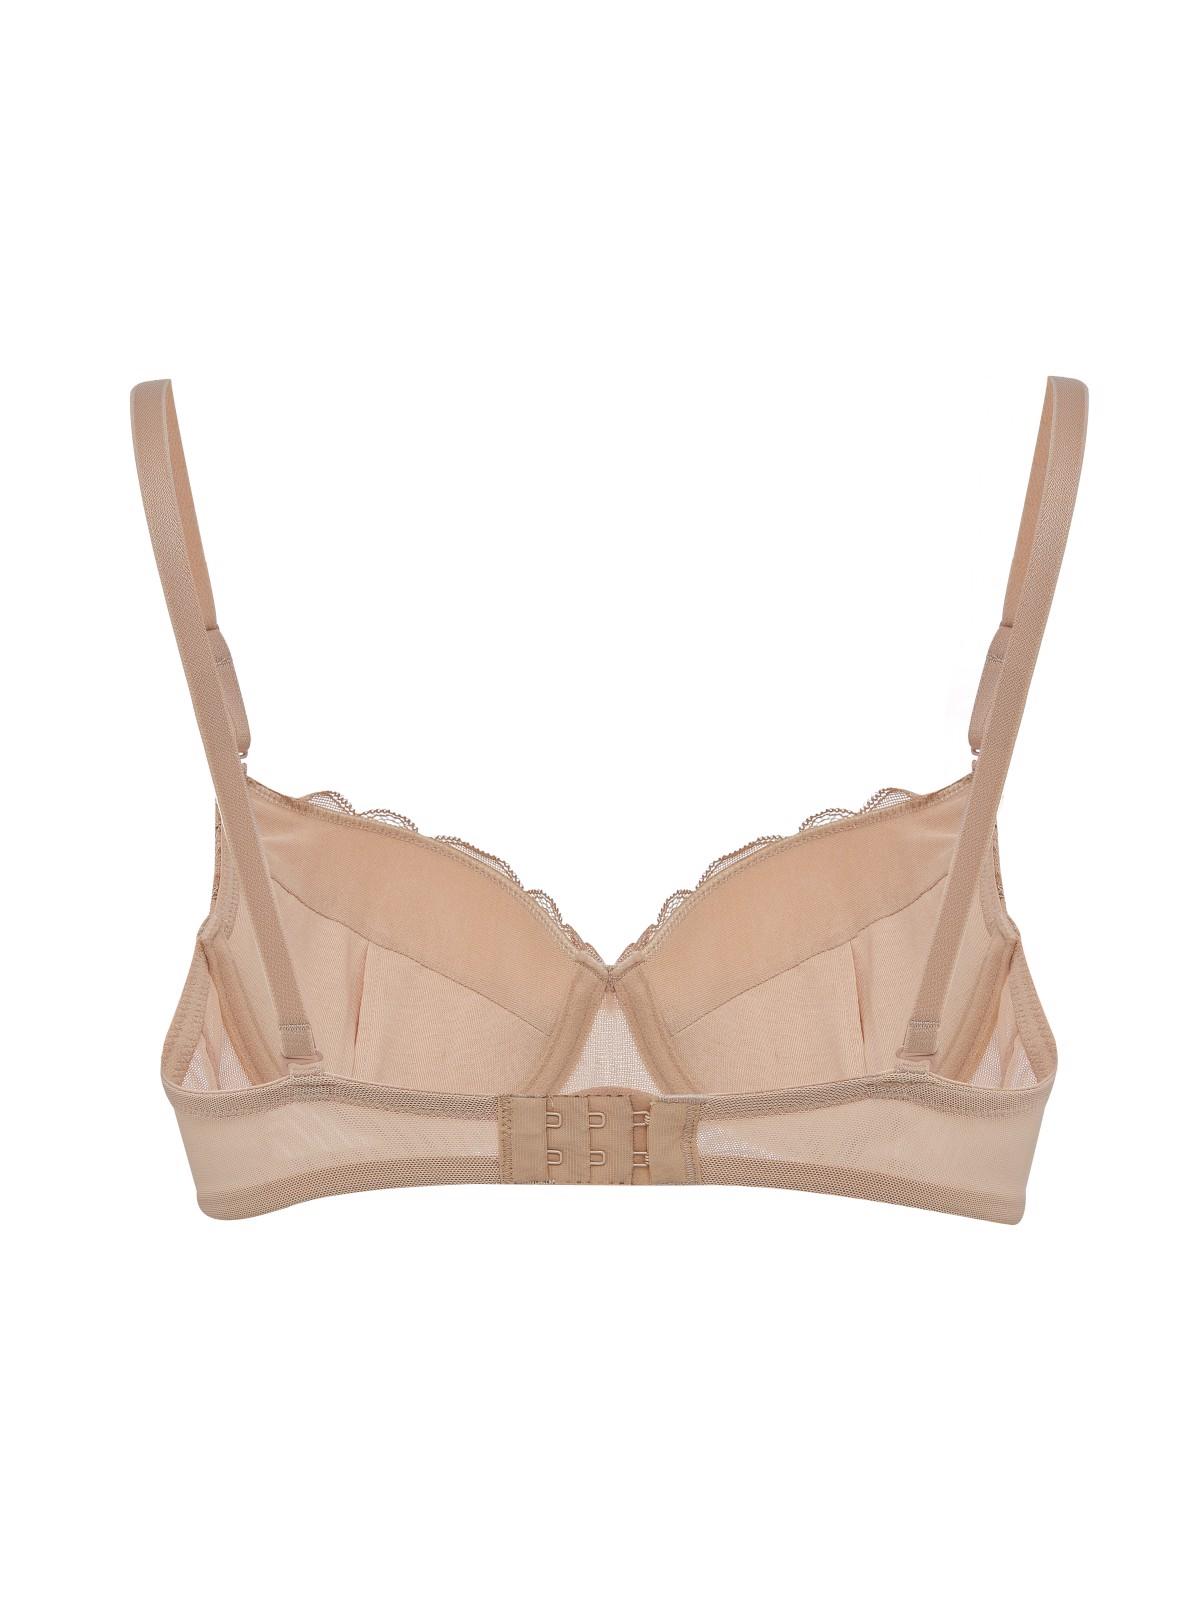 Áo ngực Misaki mút mỏng cúp ren, lưng trơn - 0226